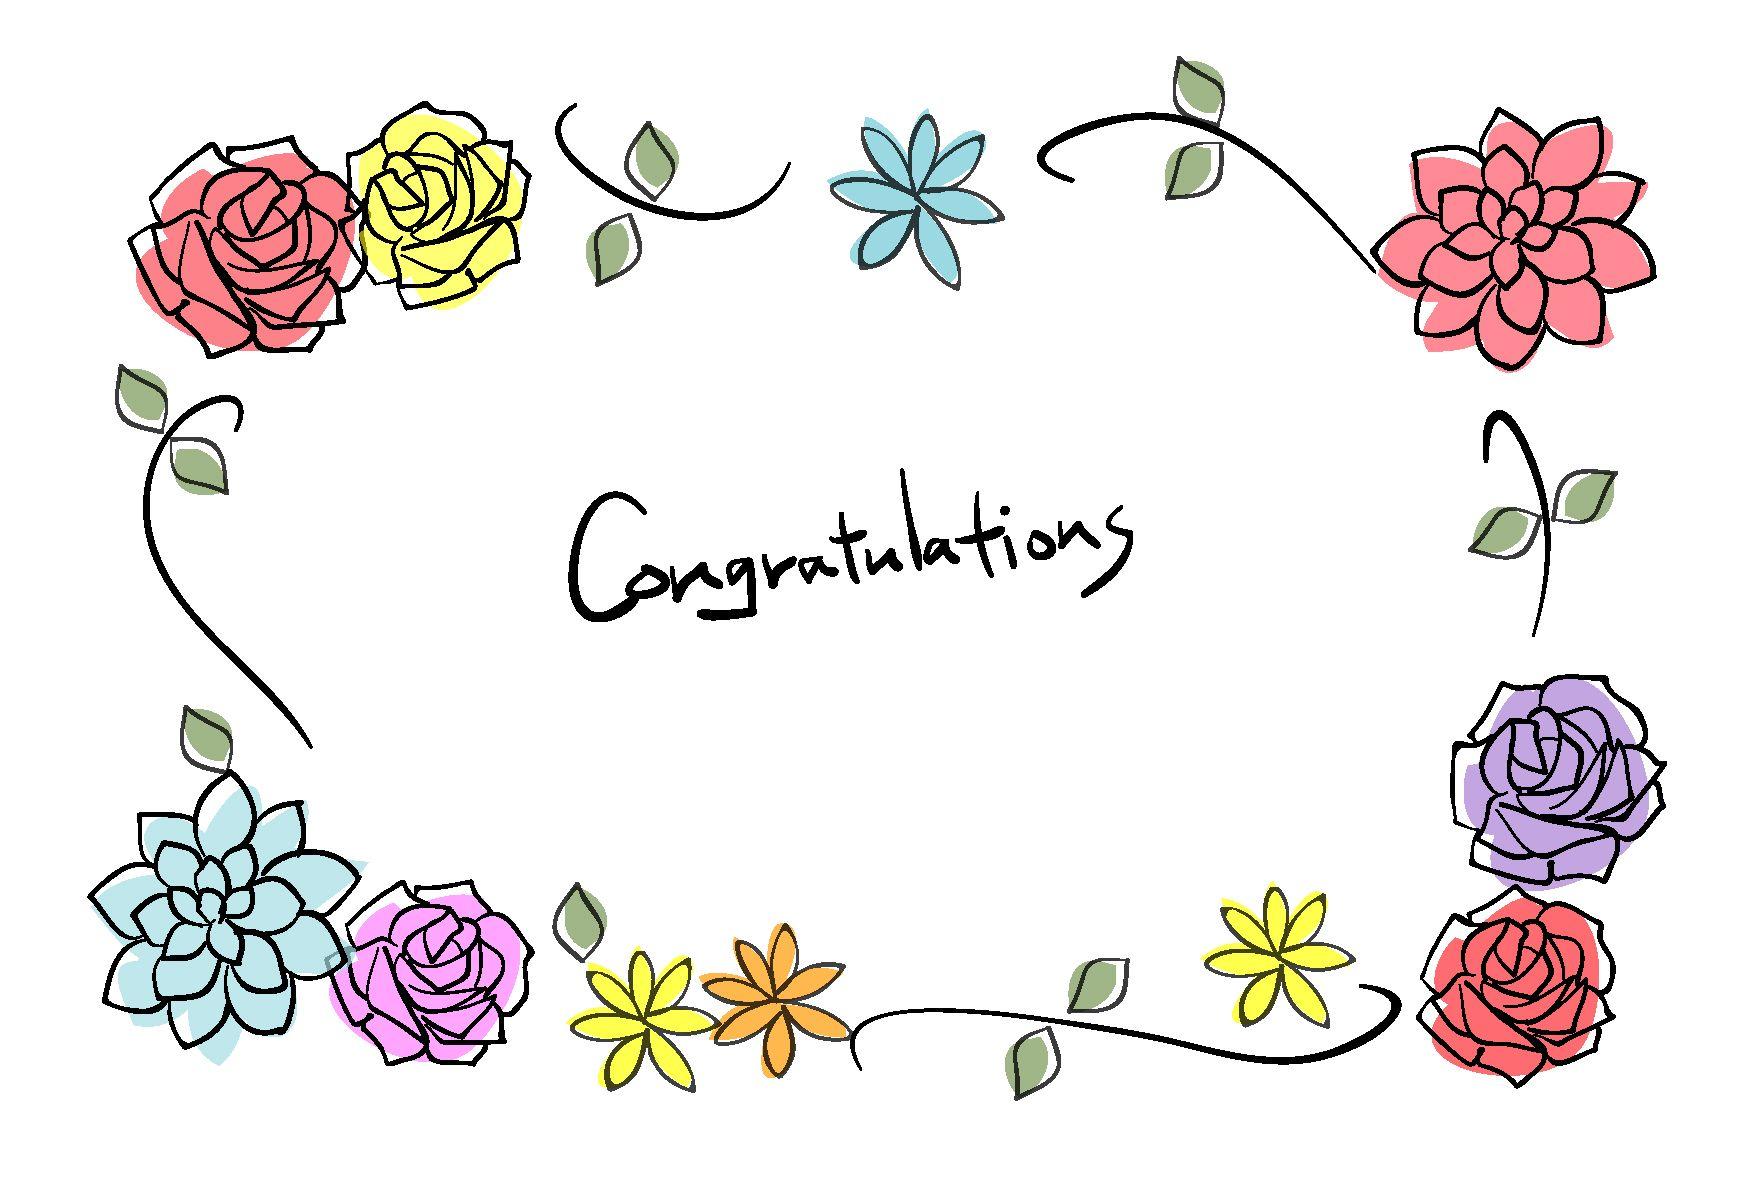 結婚祝いはがきテンプレート「お花の飾り枠・congratulations